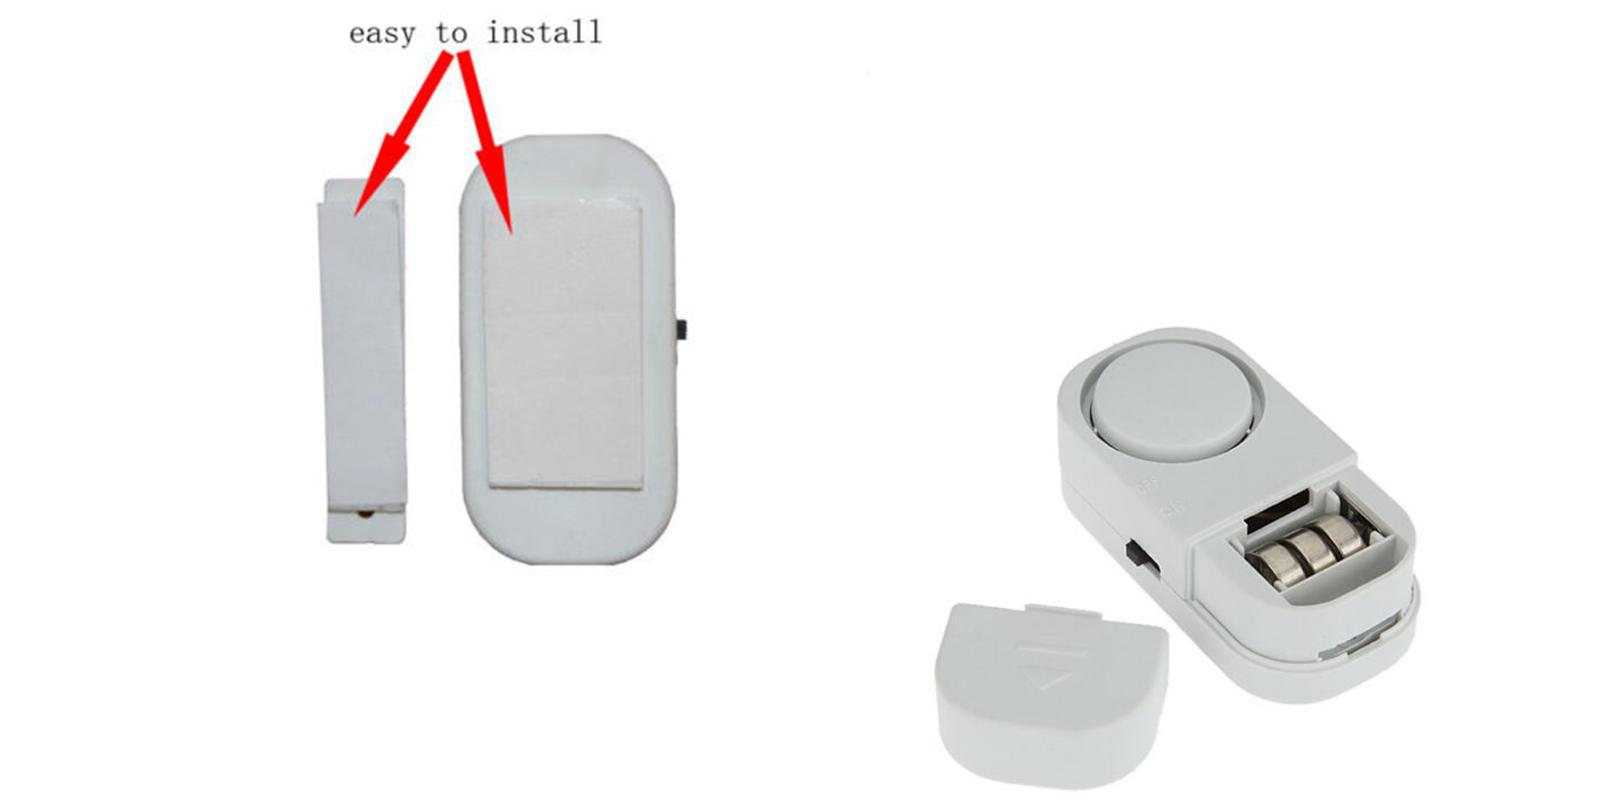 Porta Finestra Ingresso Casa allarme antifurto sensore magnetico sicurezza ingresso porta finestra casa  dr